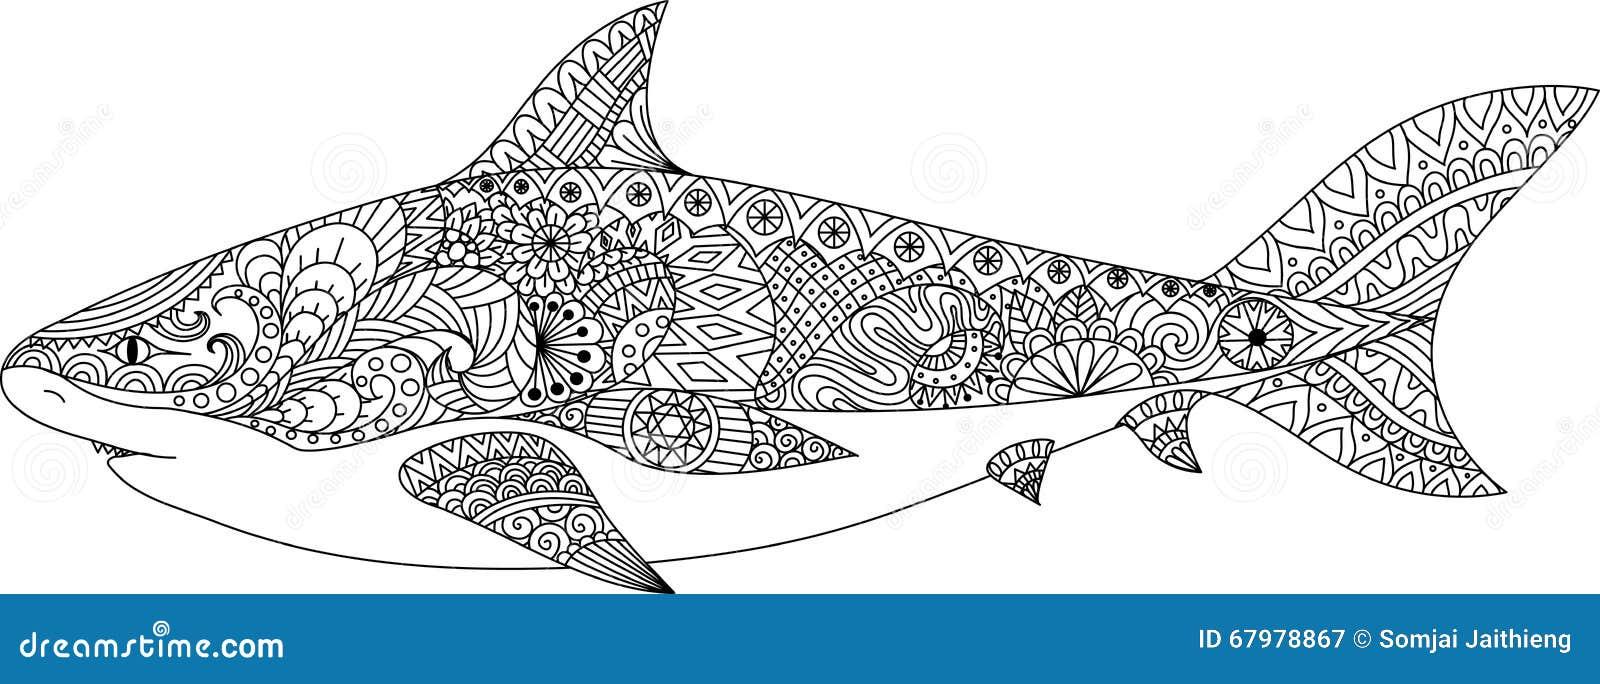 Línea Diseño Del Tiburón Del Arte Para El Libro De Colorear Para El ...